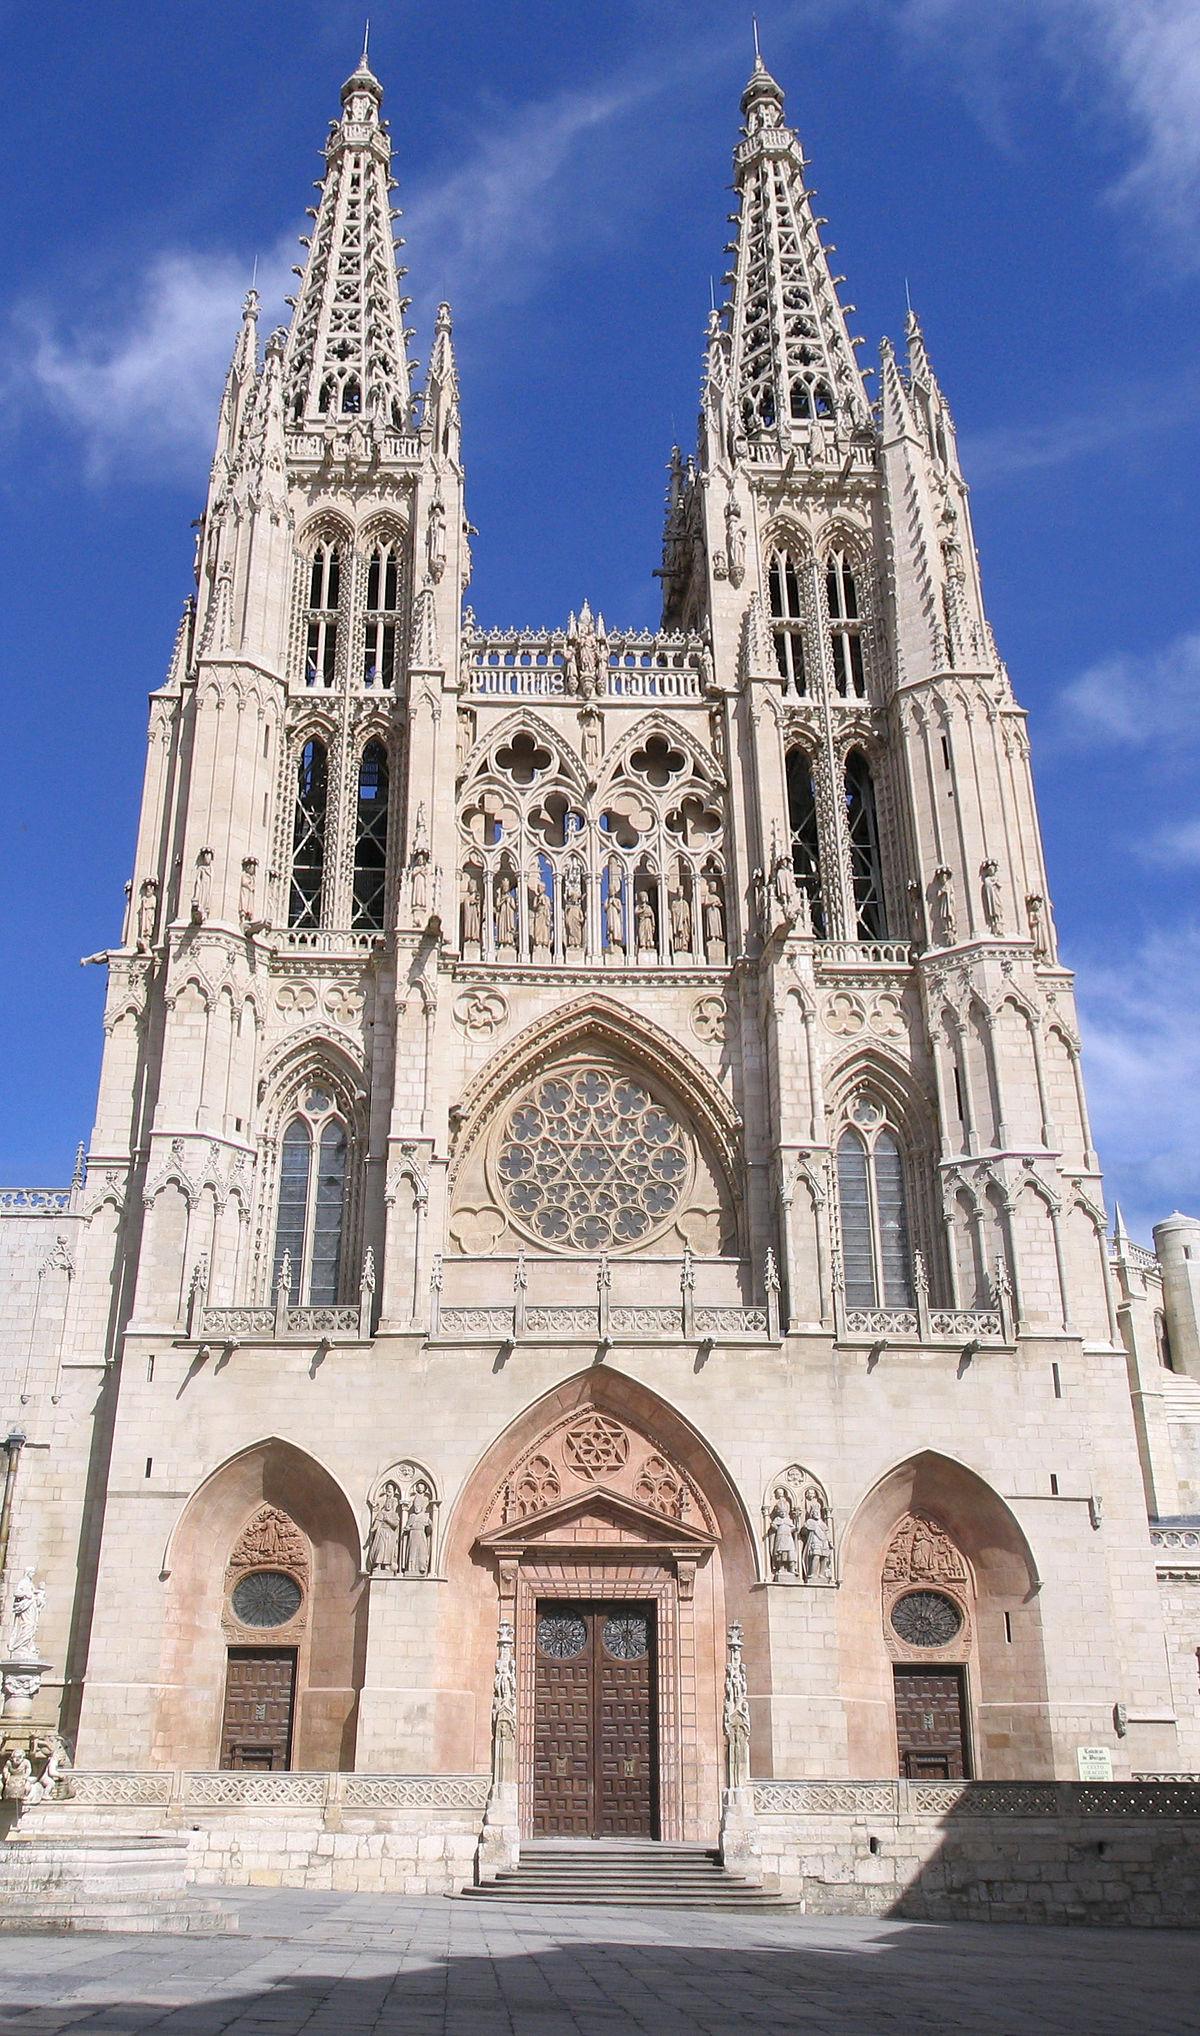 Arte gotikoa wikipedia entziklopedia askea - Architektur gotik ...